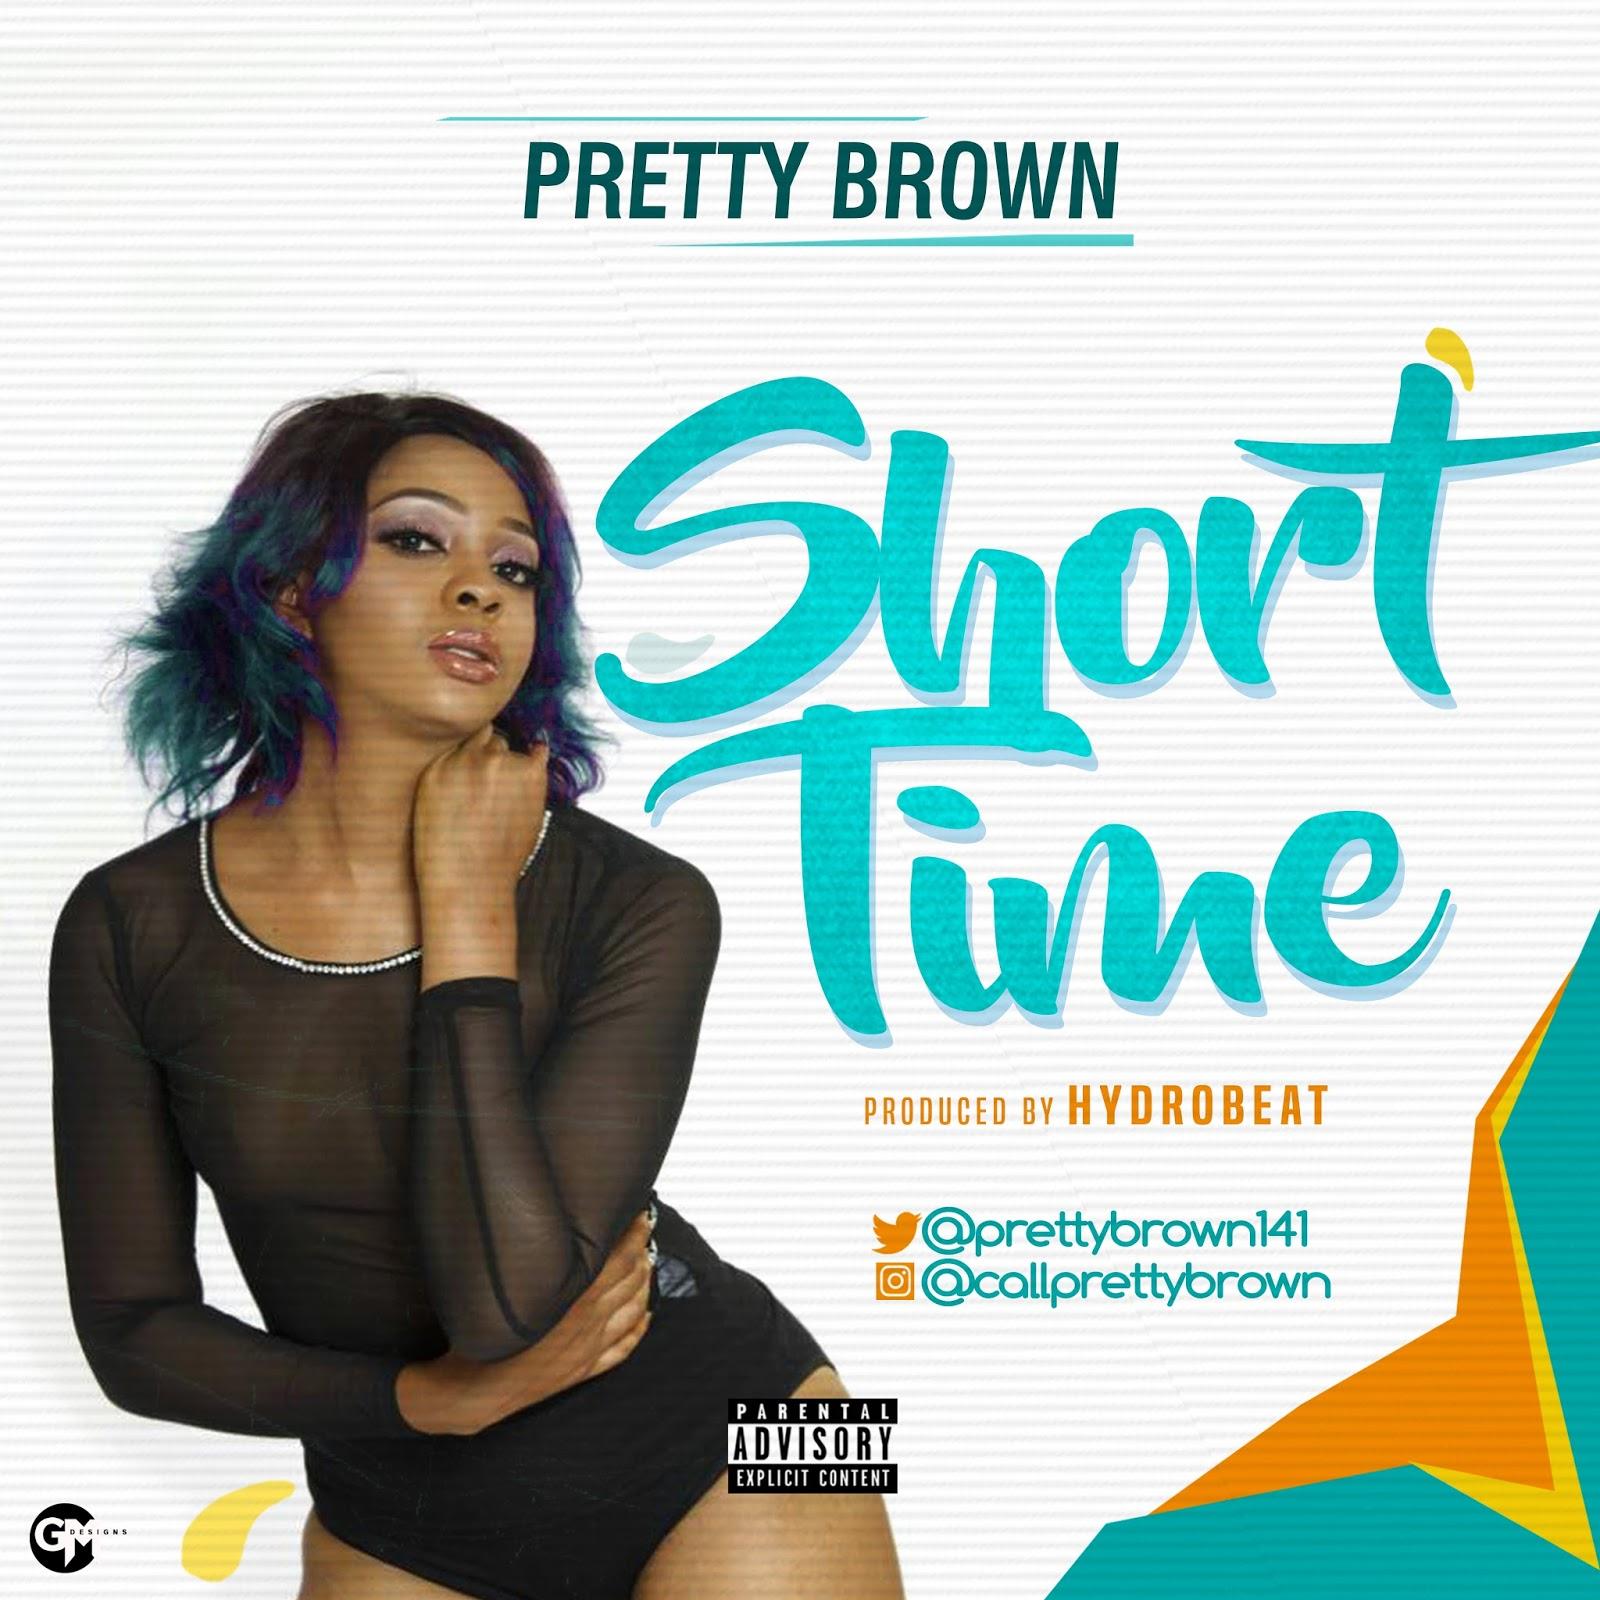 MUSIC PREMIERE: Pretty Brown – Short Time (Prod. HydroBeat) | @prettybrown141 @famoushydrobeat